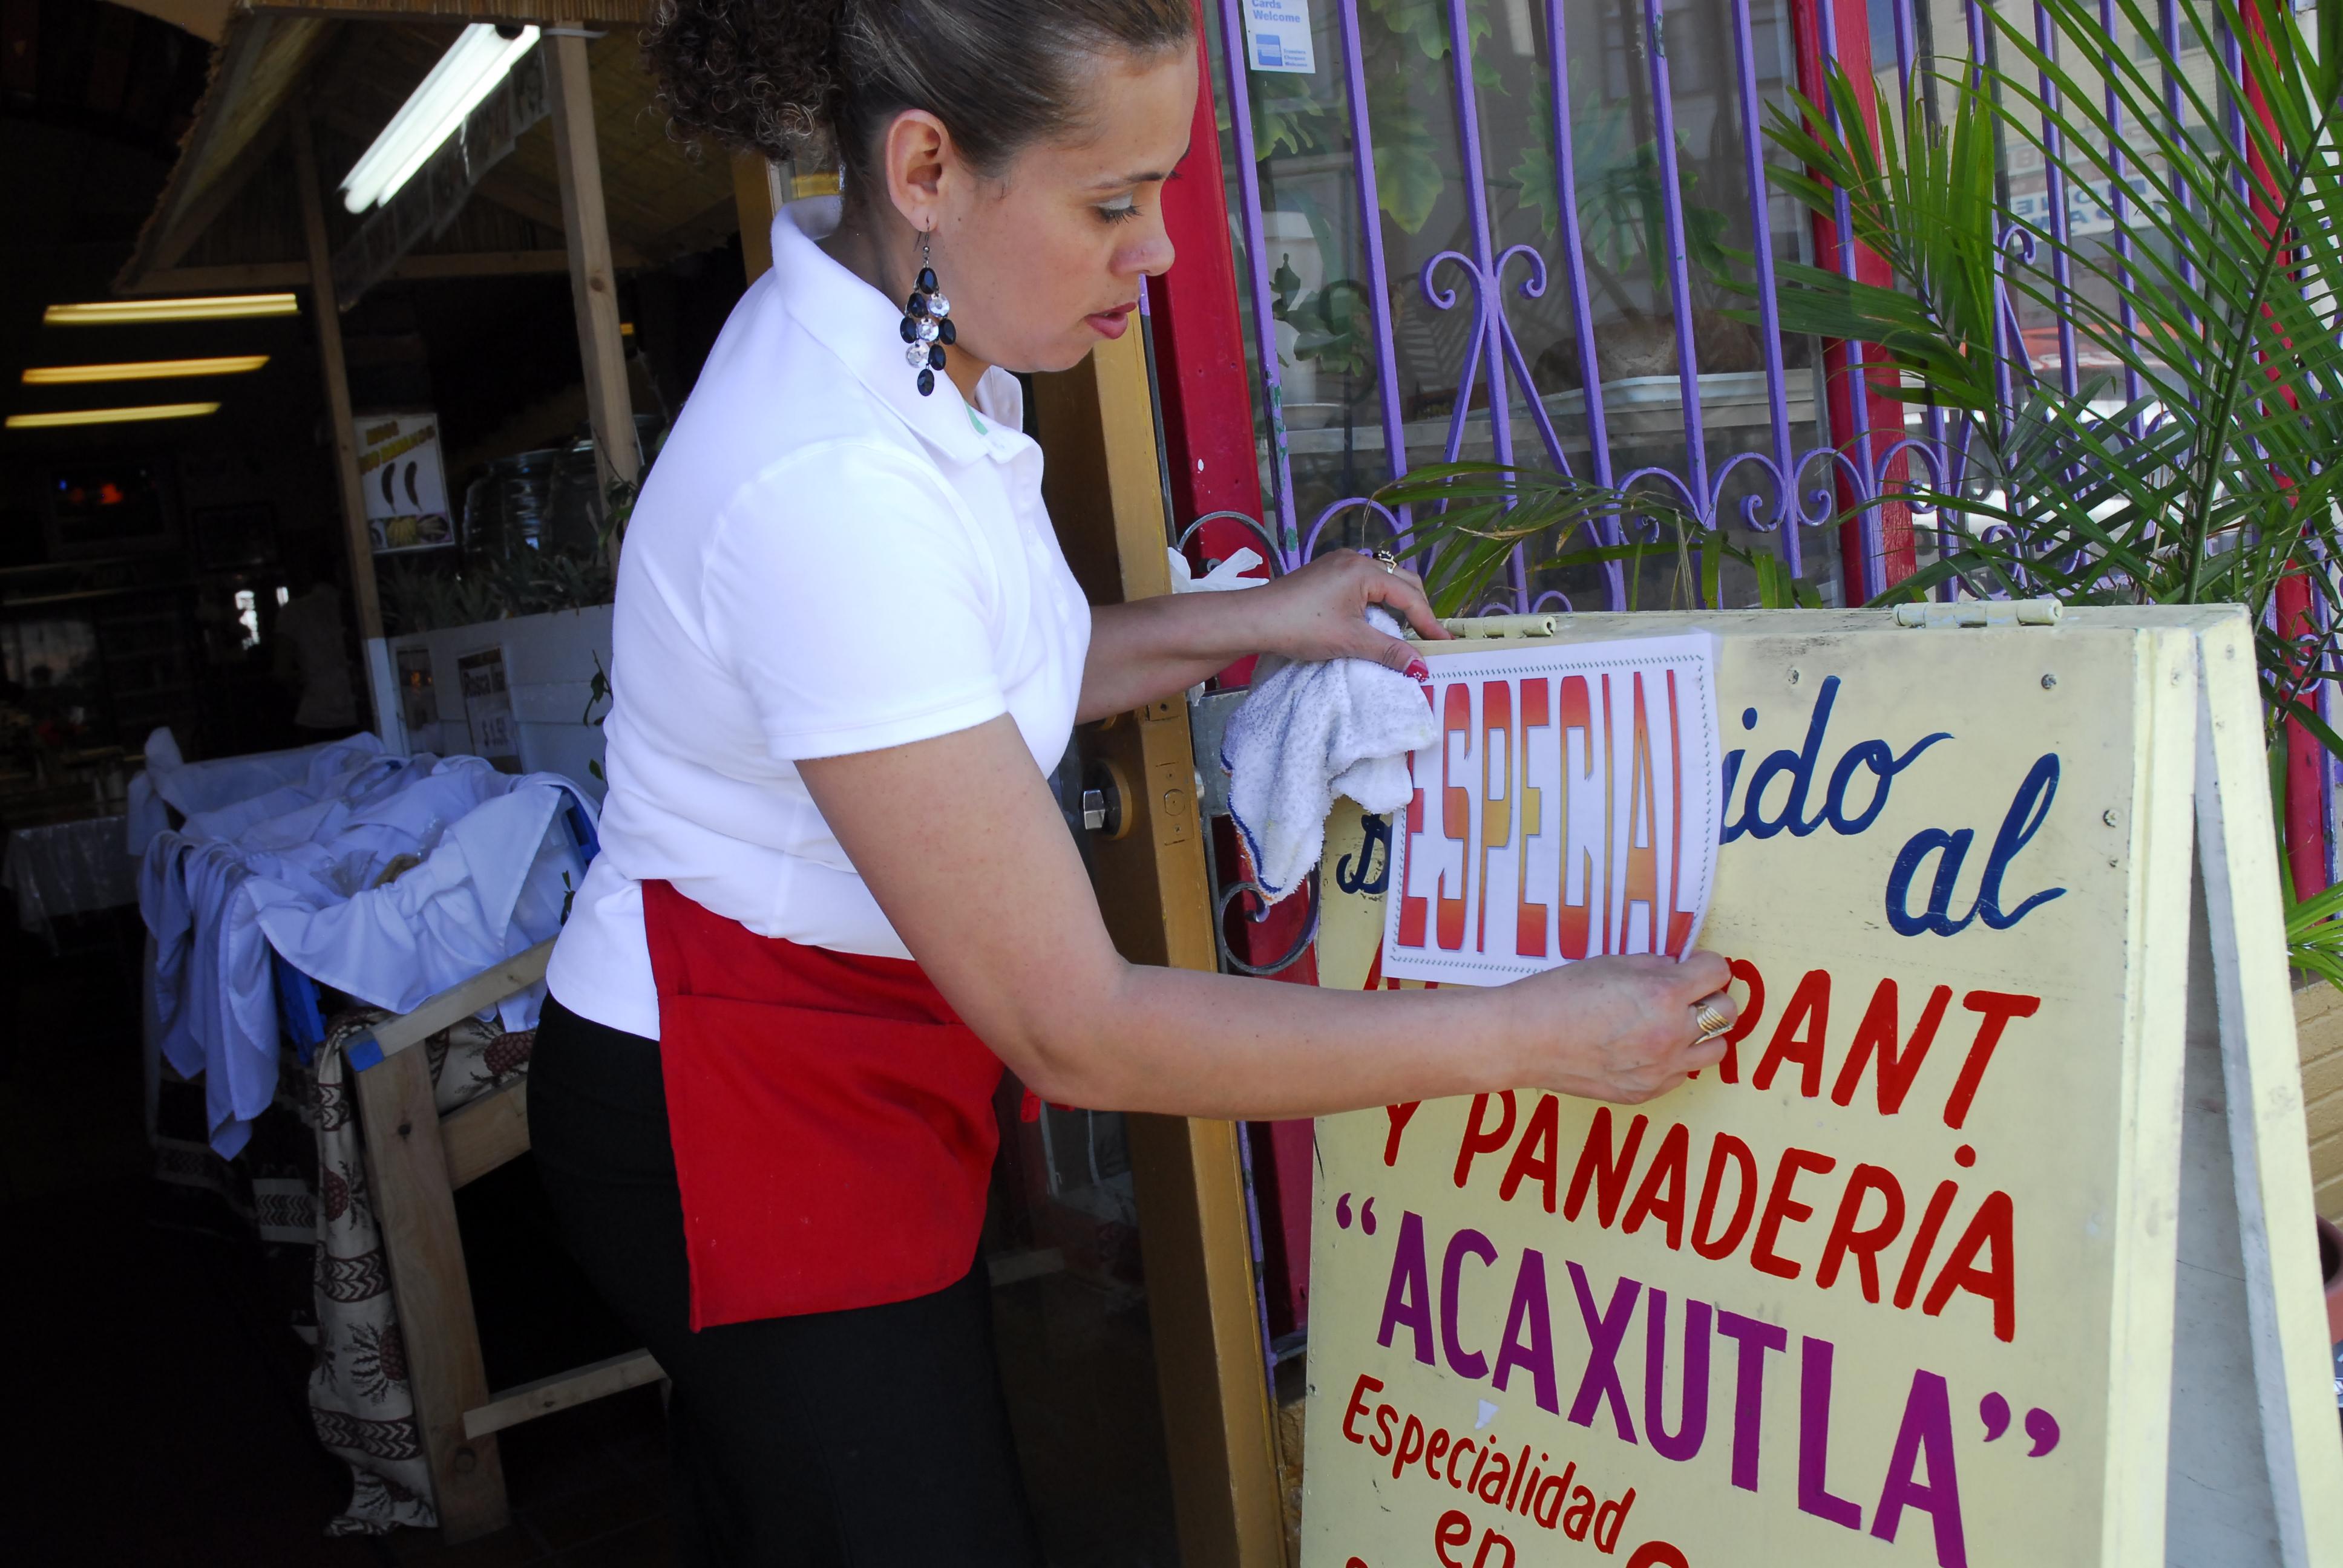 Taquerias in the Mission Struggle